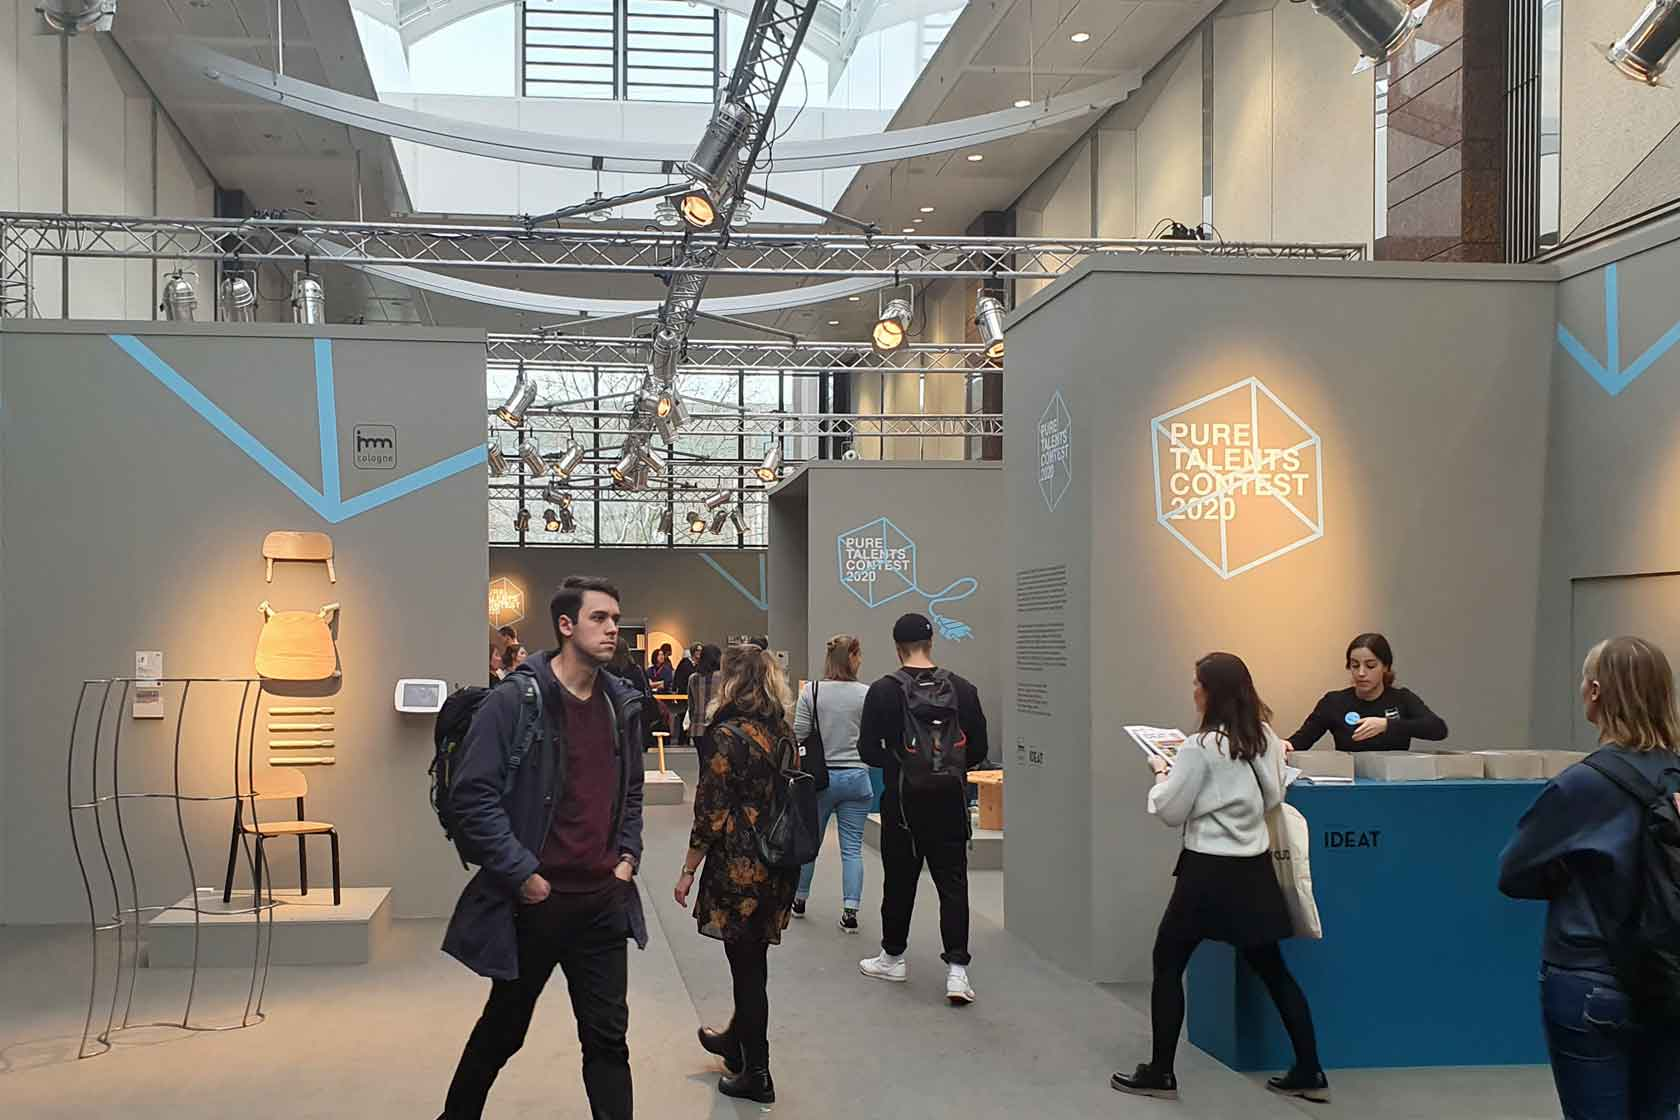 Viele Menschen besuchen den Pure Talents Design Contest auf der IMM 2020